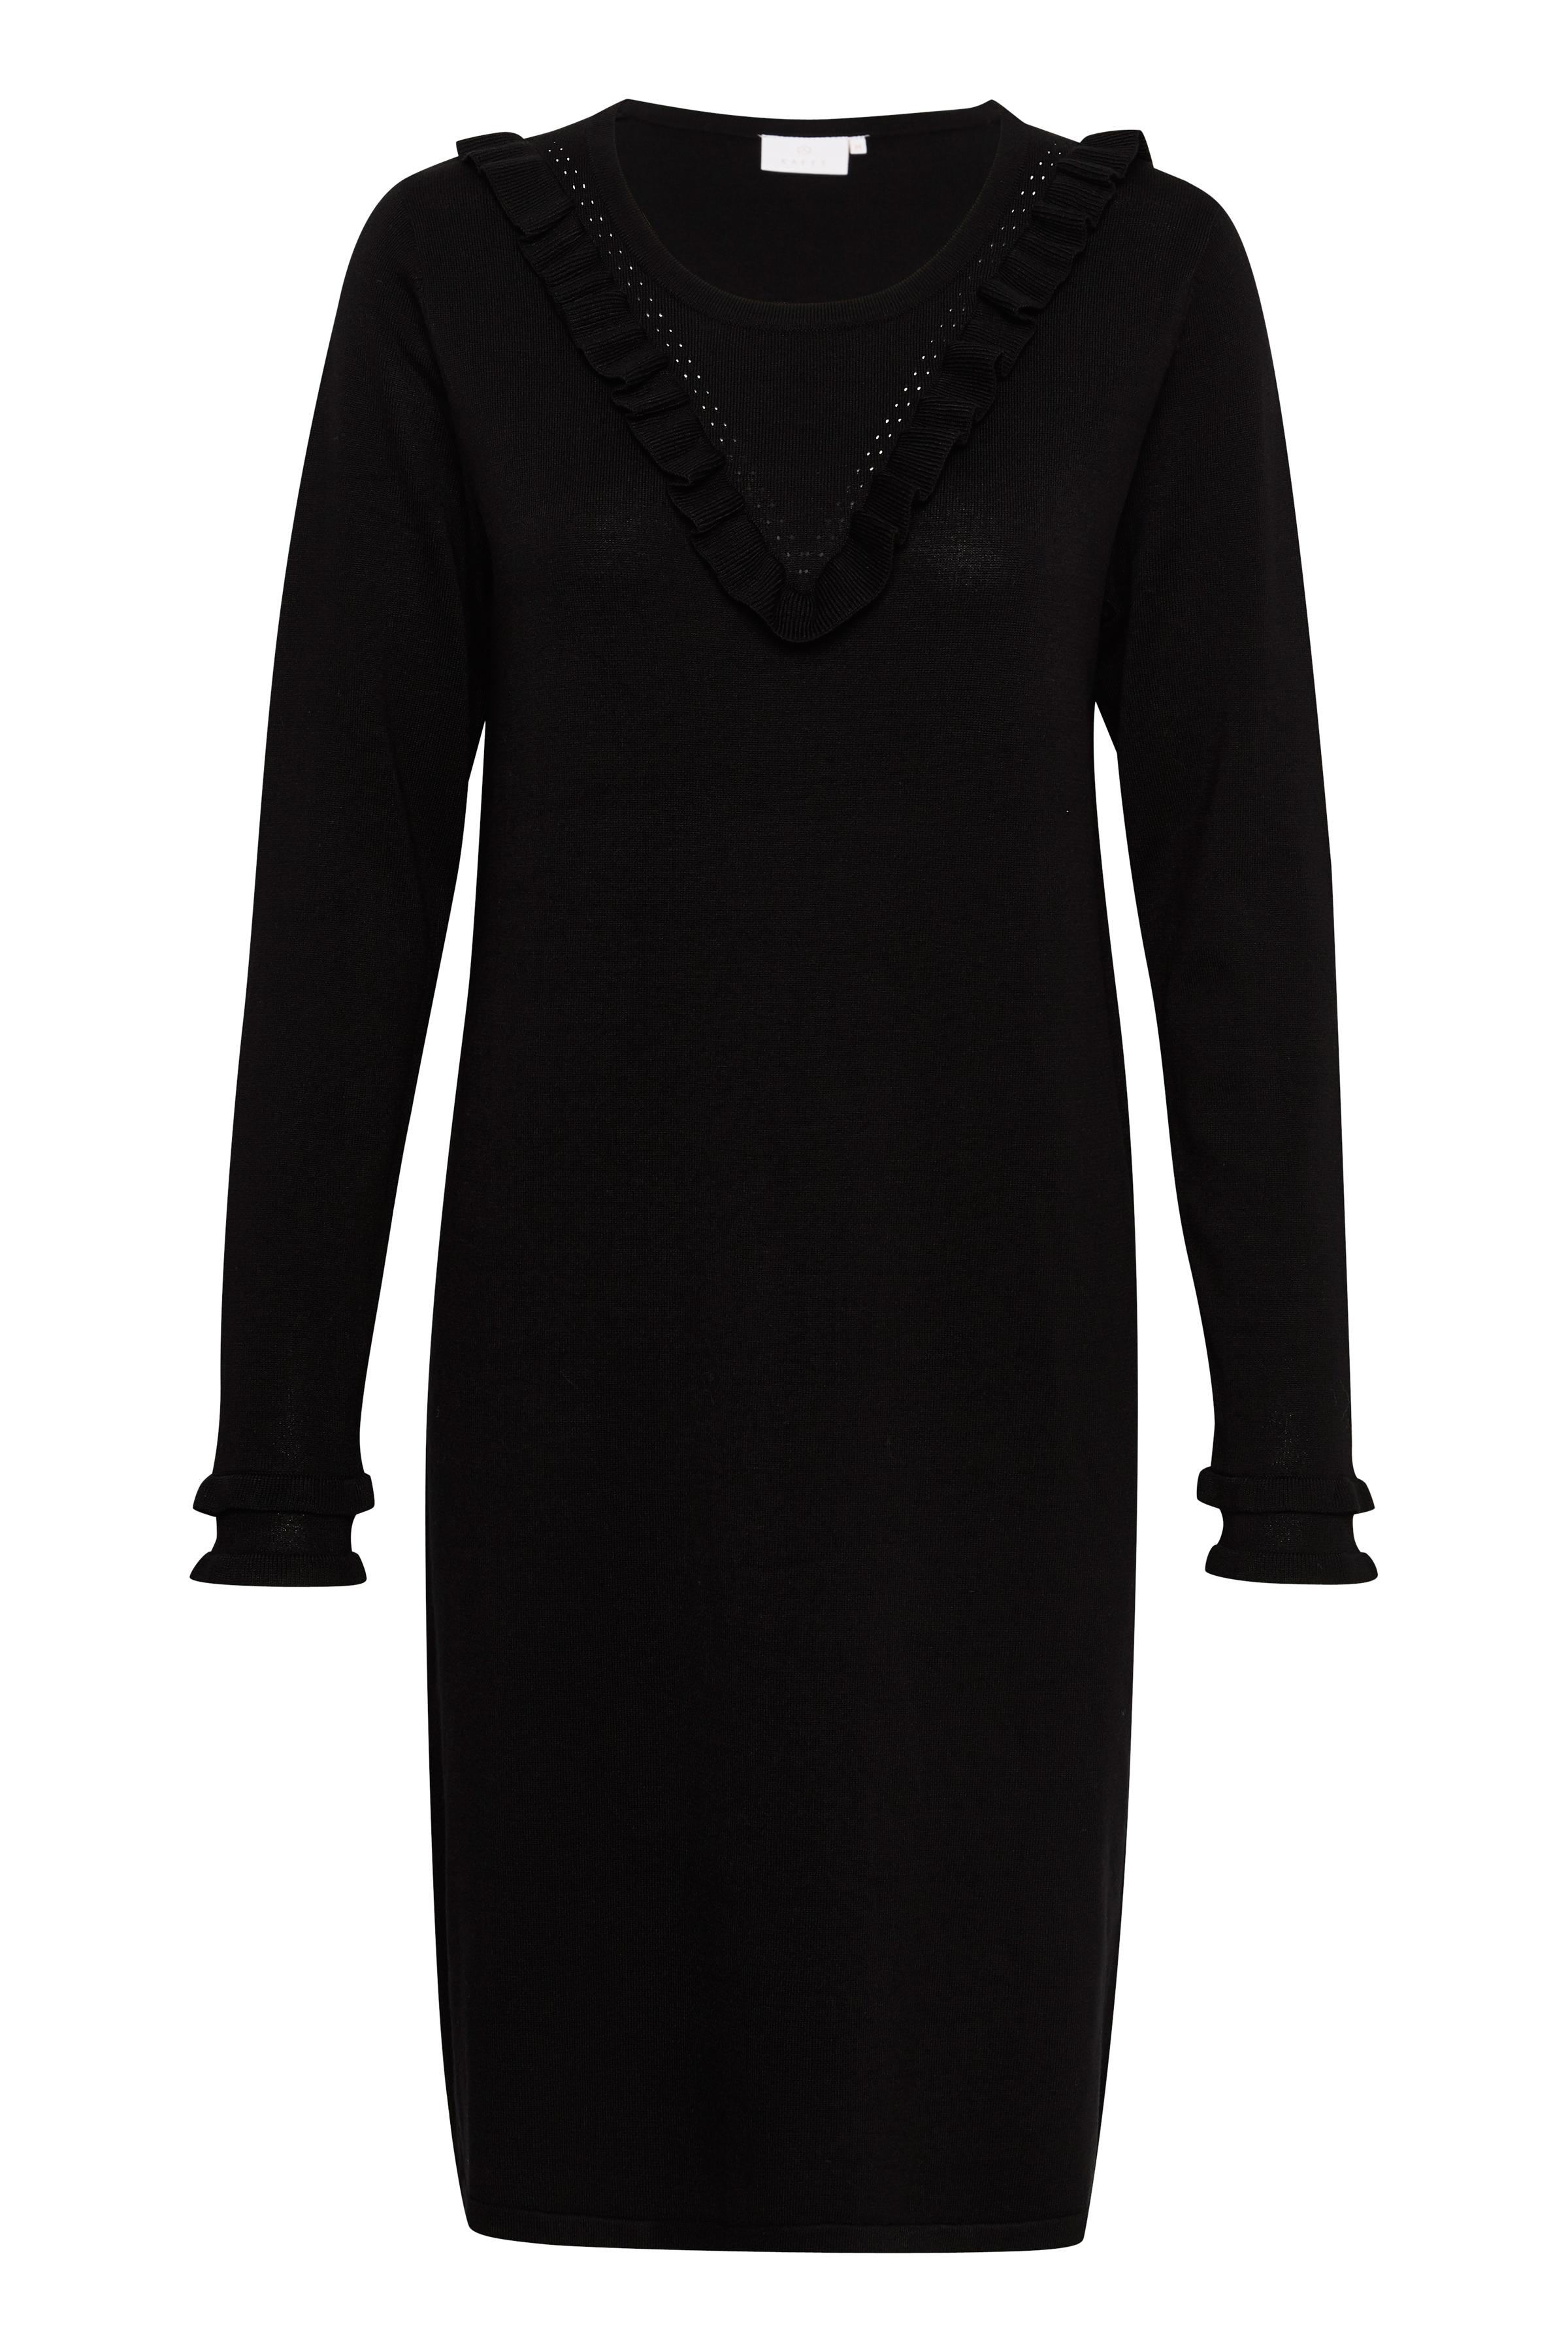 Svart Strickad klänning från Kaffe – Köp Svart Strickad klänning från stl. L-XXL här